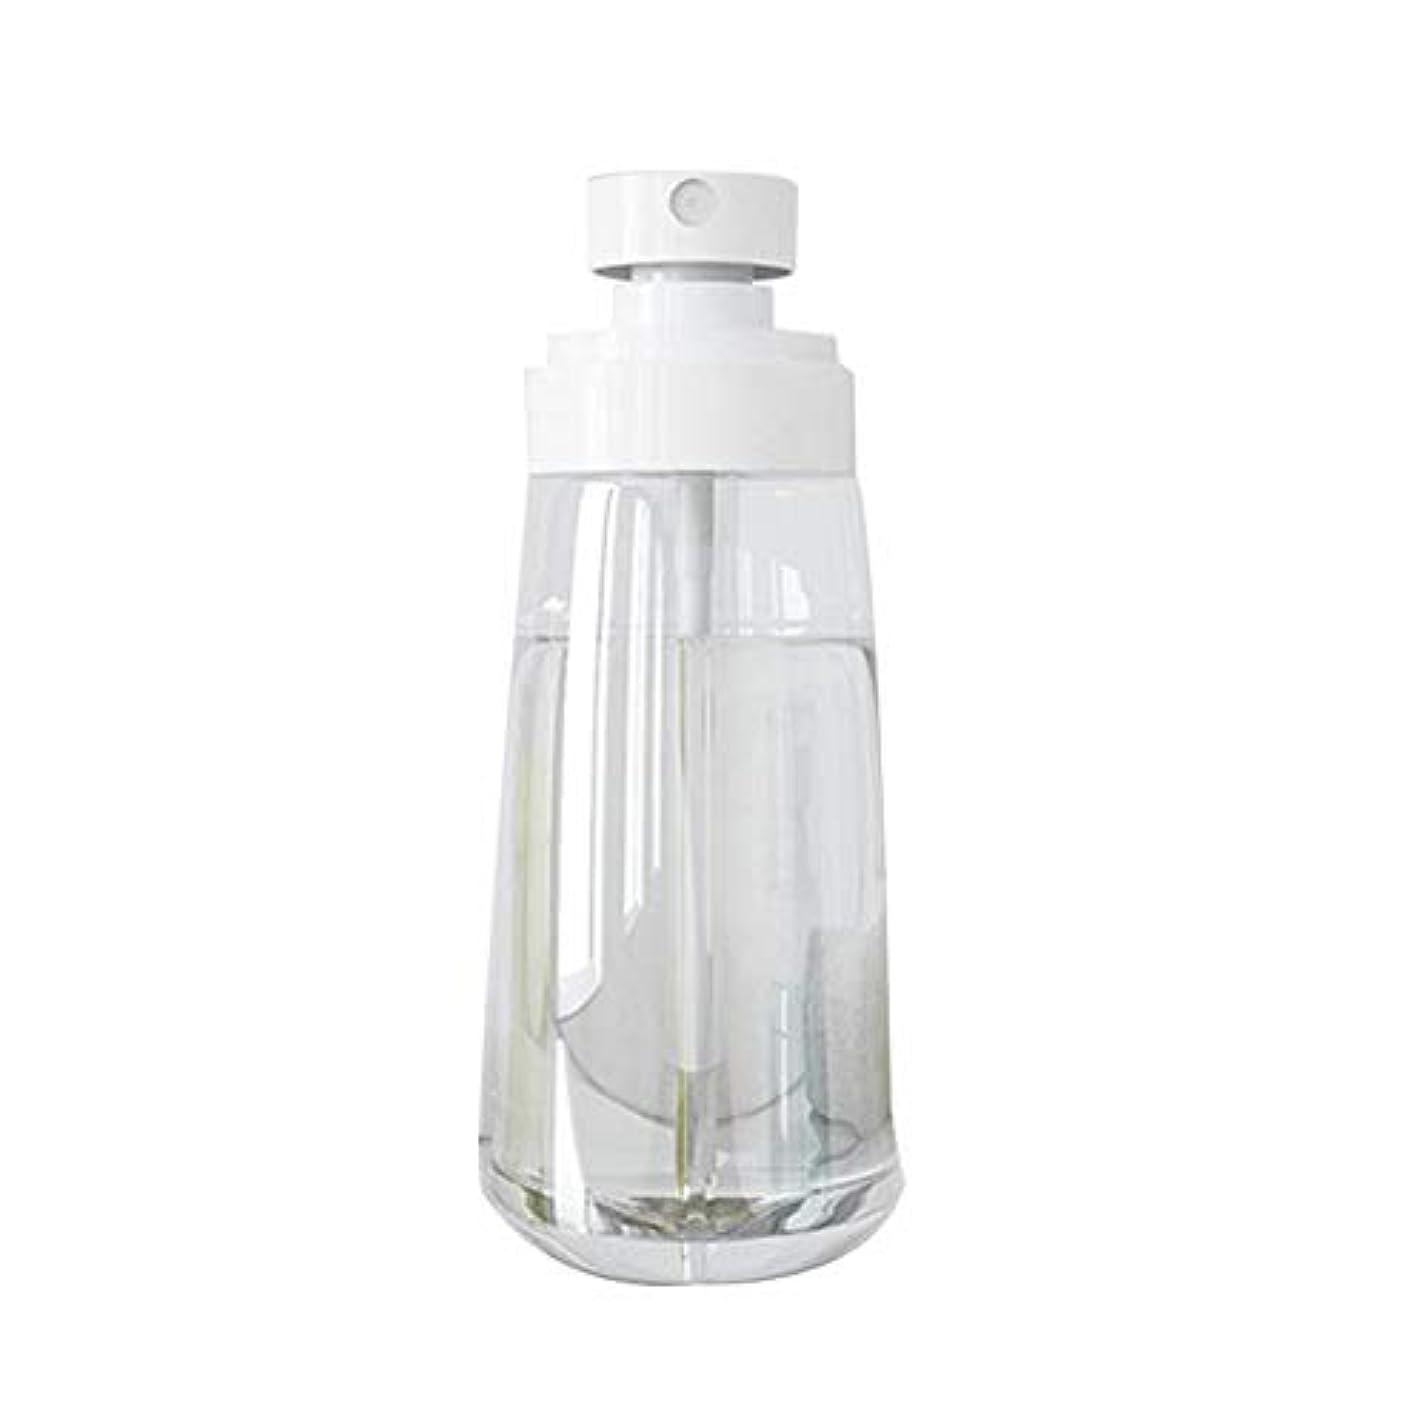 昼食グレー一元化するLUERME スプレーボルト 60ml PET製 化粧水の詰替用 極細のミストを噴霧する 旅行用の霧吹き 小分けの容器 アルコール消毒用 アトマイザー